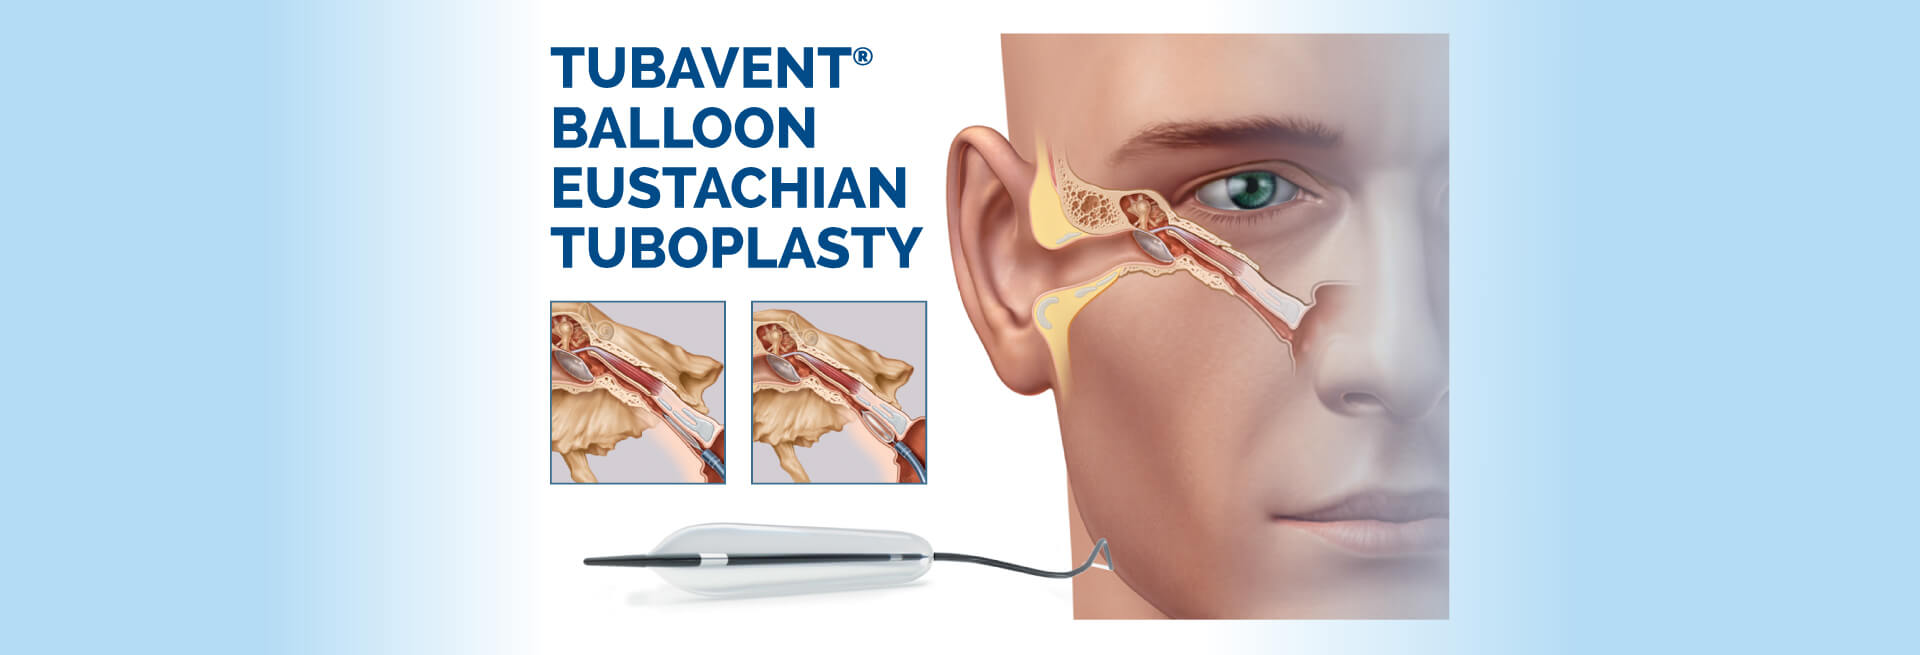 Tubavent Ballon Eustachian Tuboplasty